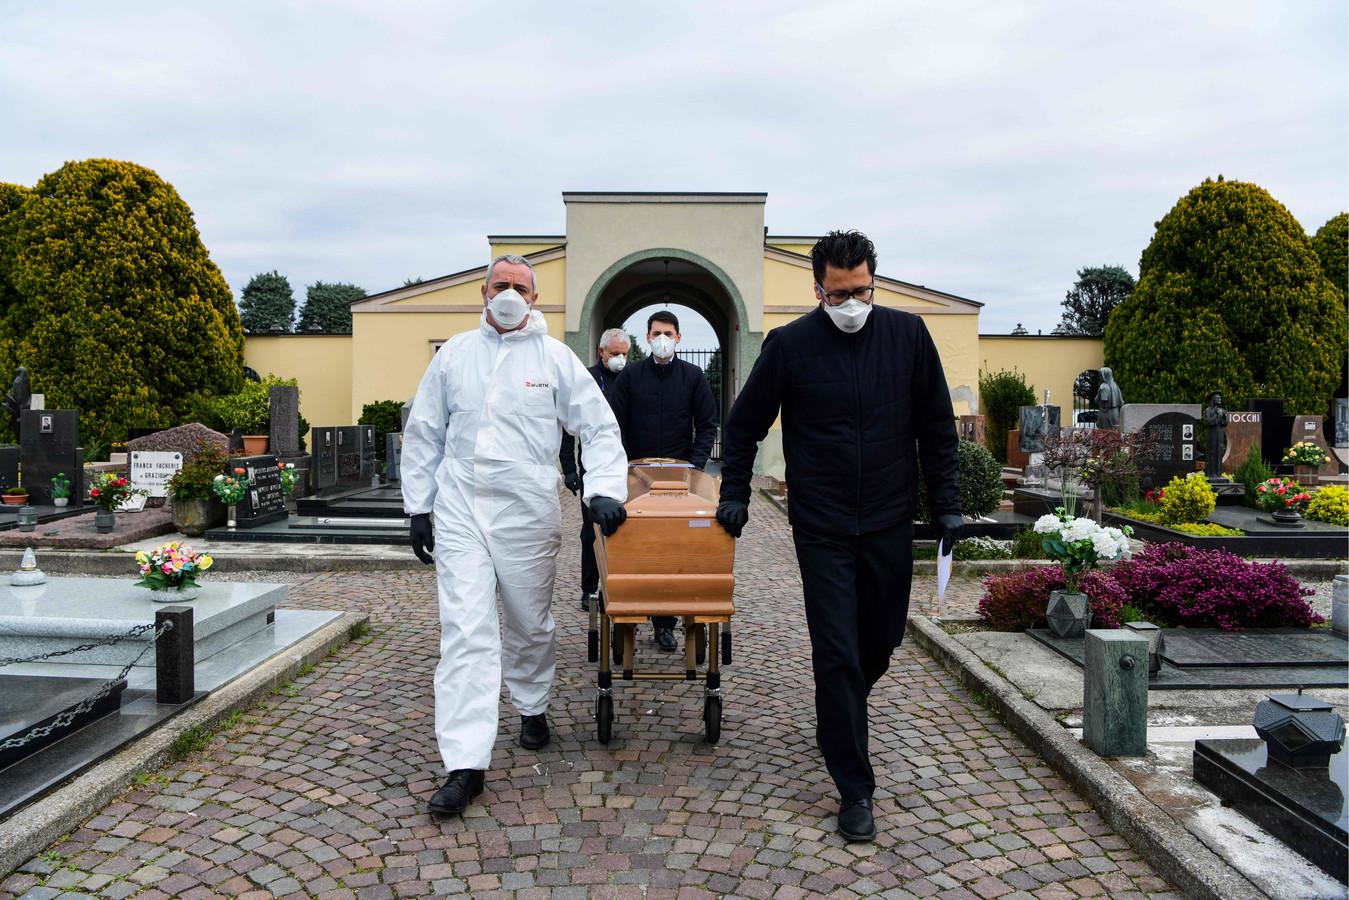 En Lombardie, la région la plus touchée d'Italie, les funérailles de personnes décédées du coronavirus sont organisées à huis clos, sans le moindre membre de la famille, en raison des strictes mesures de quarantaine (illustration, Grassobbio, 23 mars, 2020)